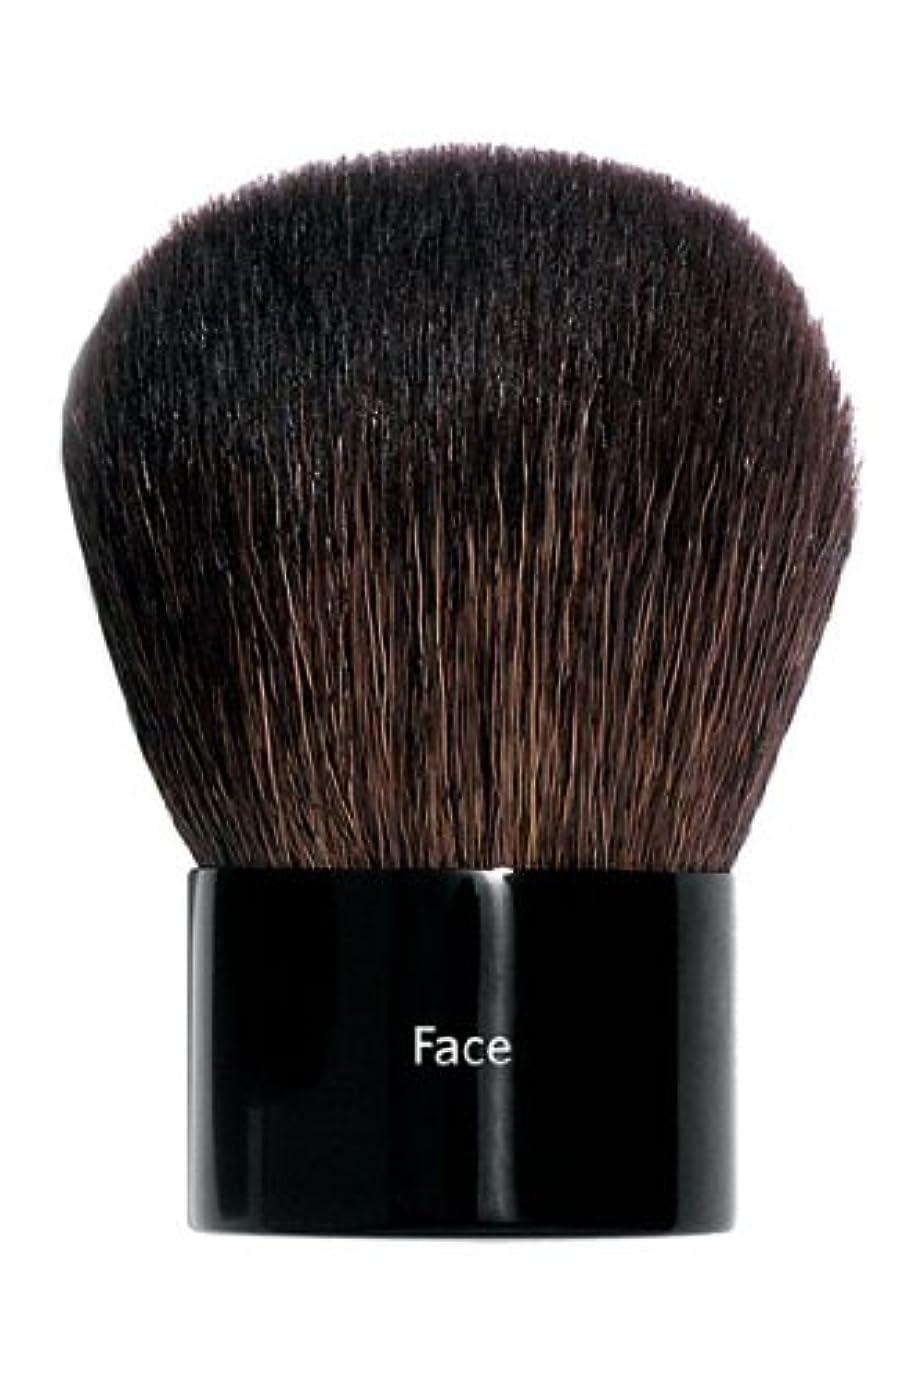 現像視線熱狂的なBobbi Brown Face Brush (ボビーブラウン フェイスブラシ)